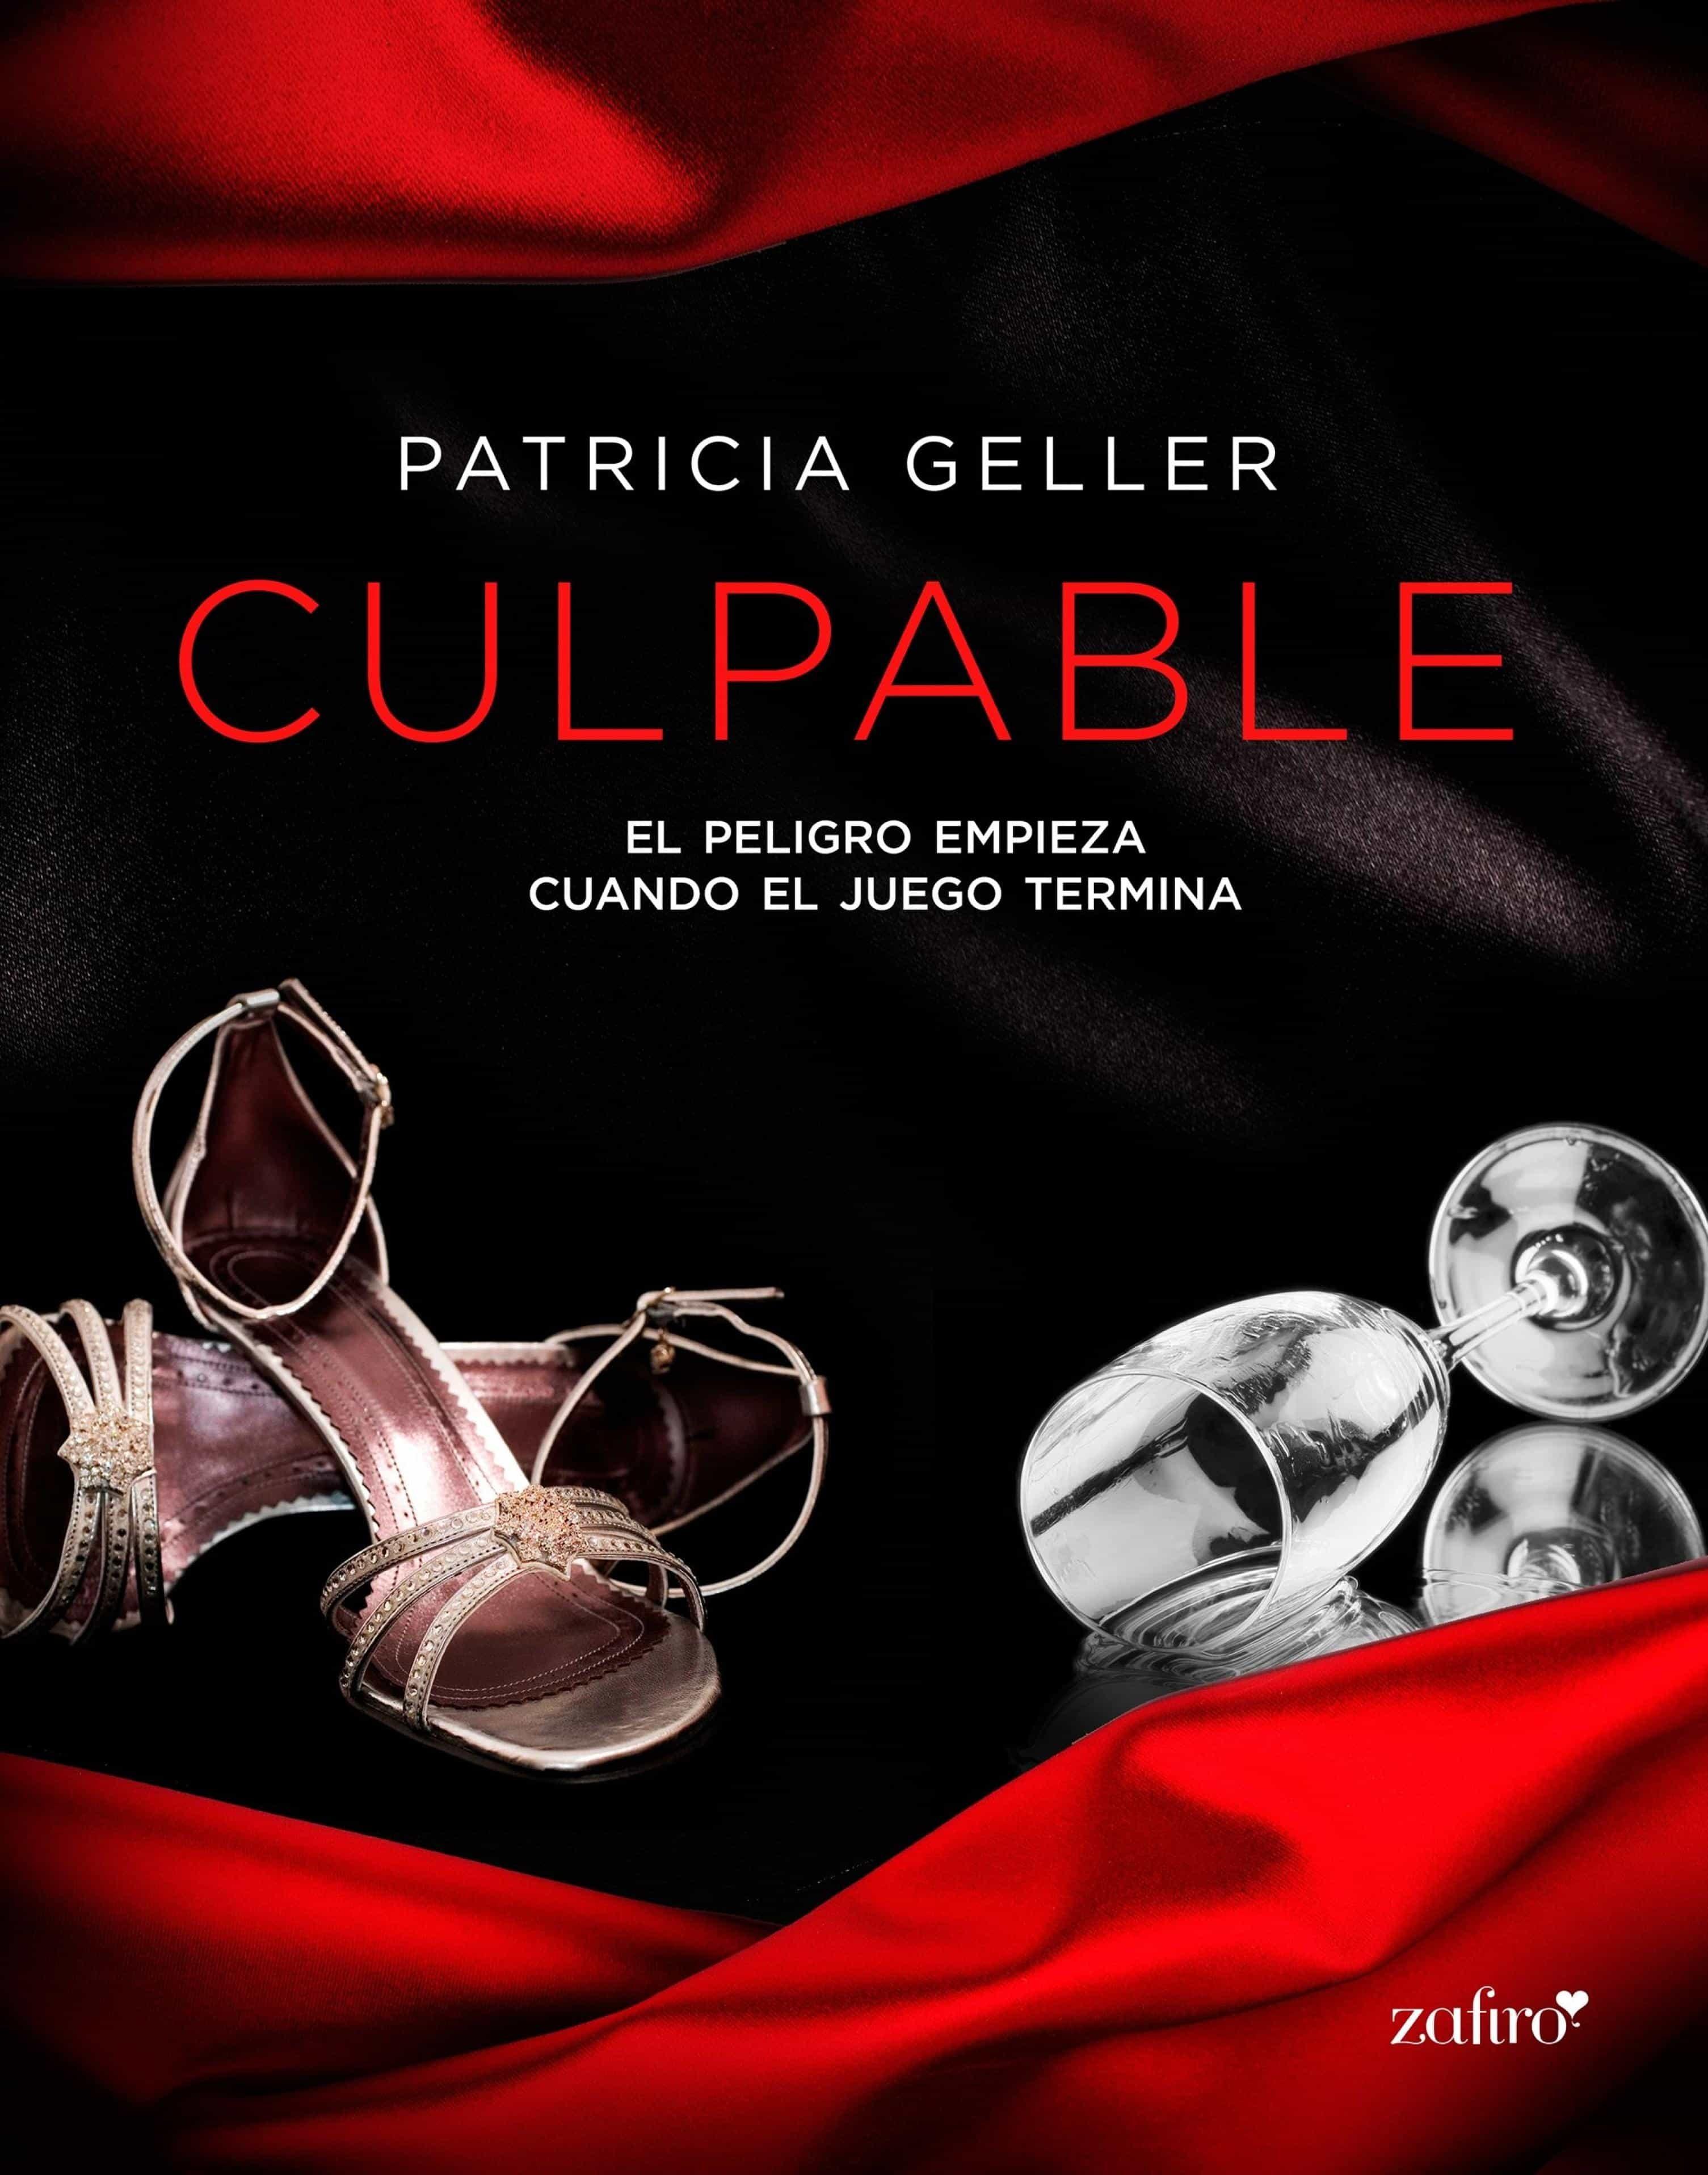 Culpable Ebook Patricia Geller 9788408139072